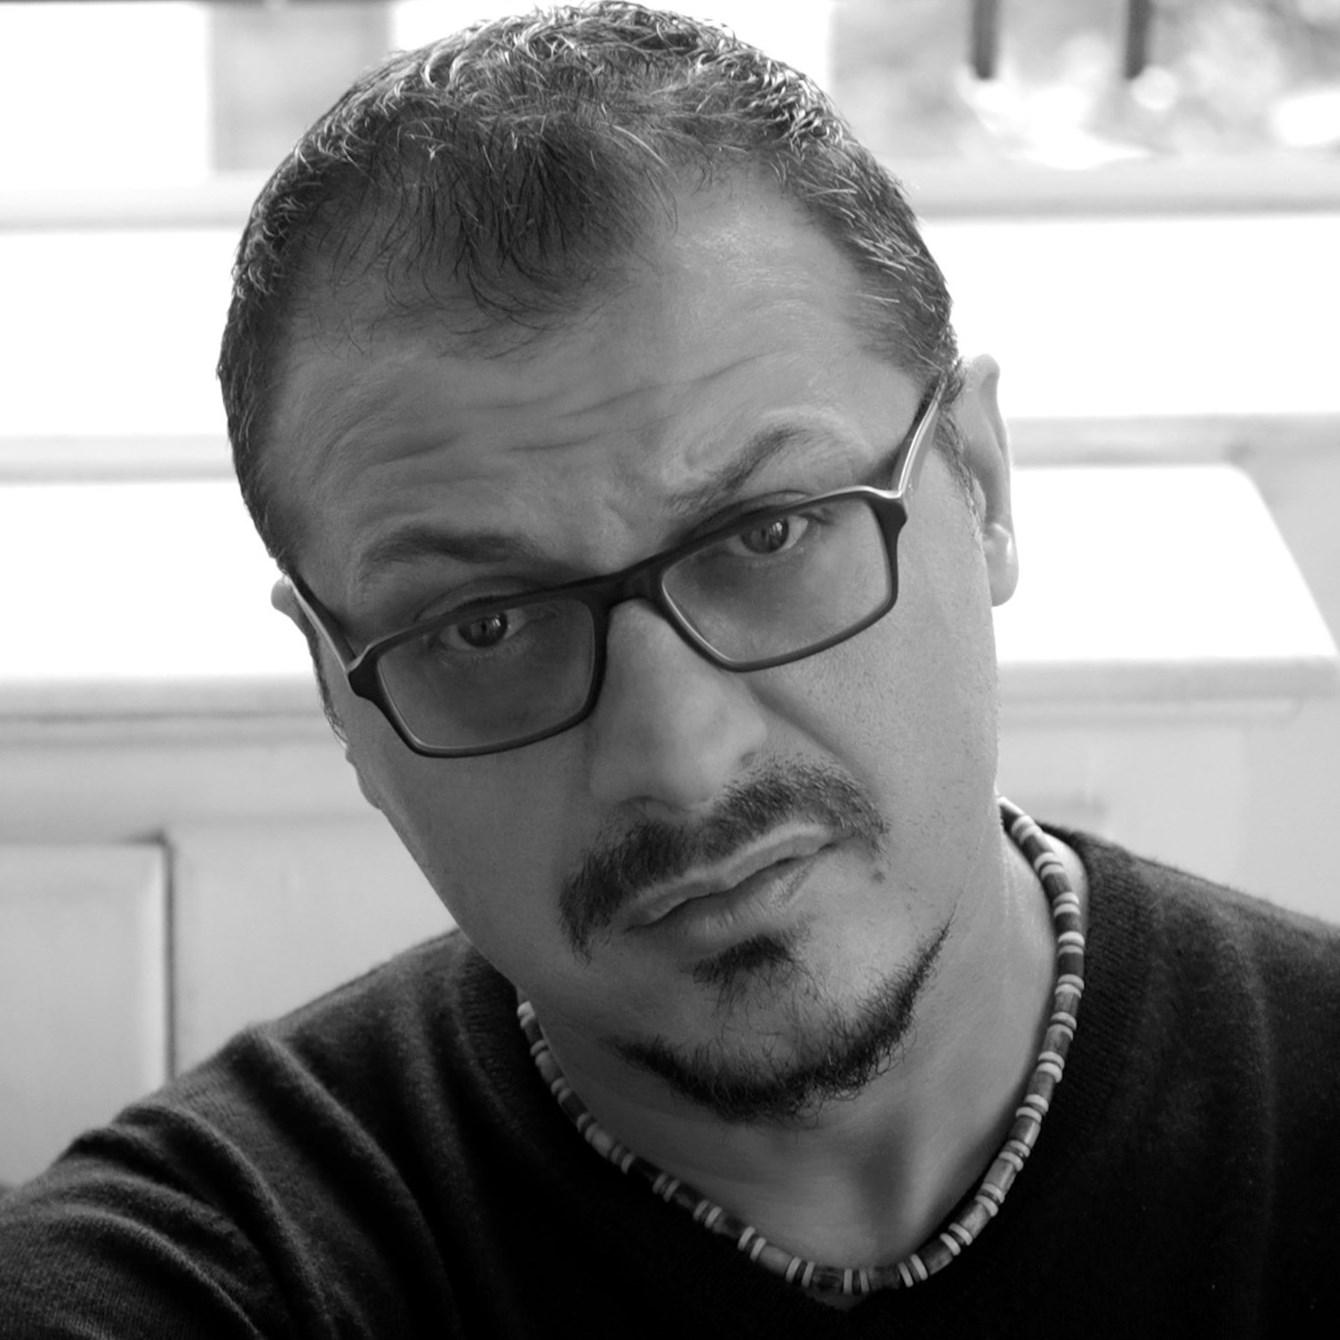 Të ndihesh i famshëm në objektivin e Genti Halit. Intervistë me fotografin shqiptar